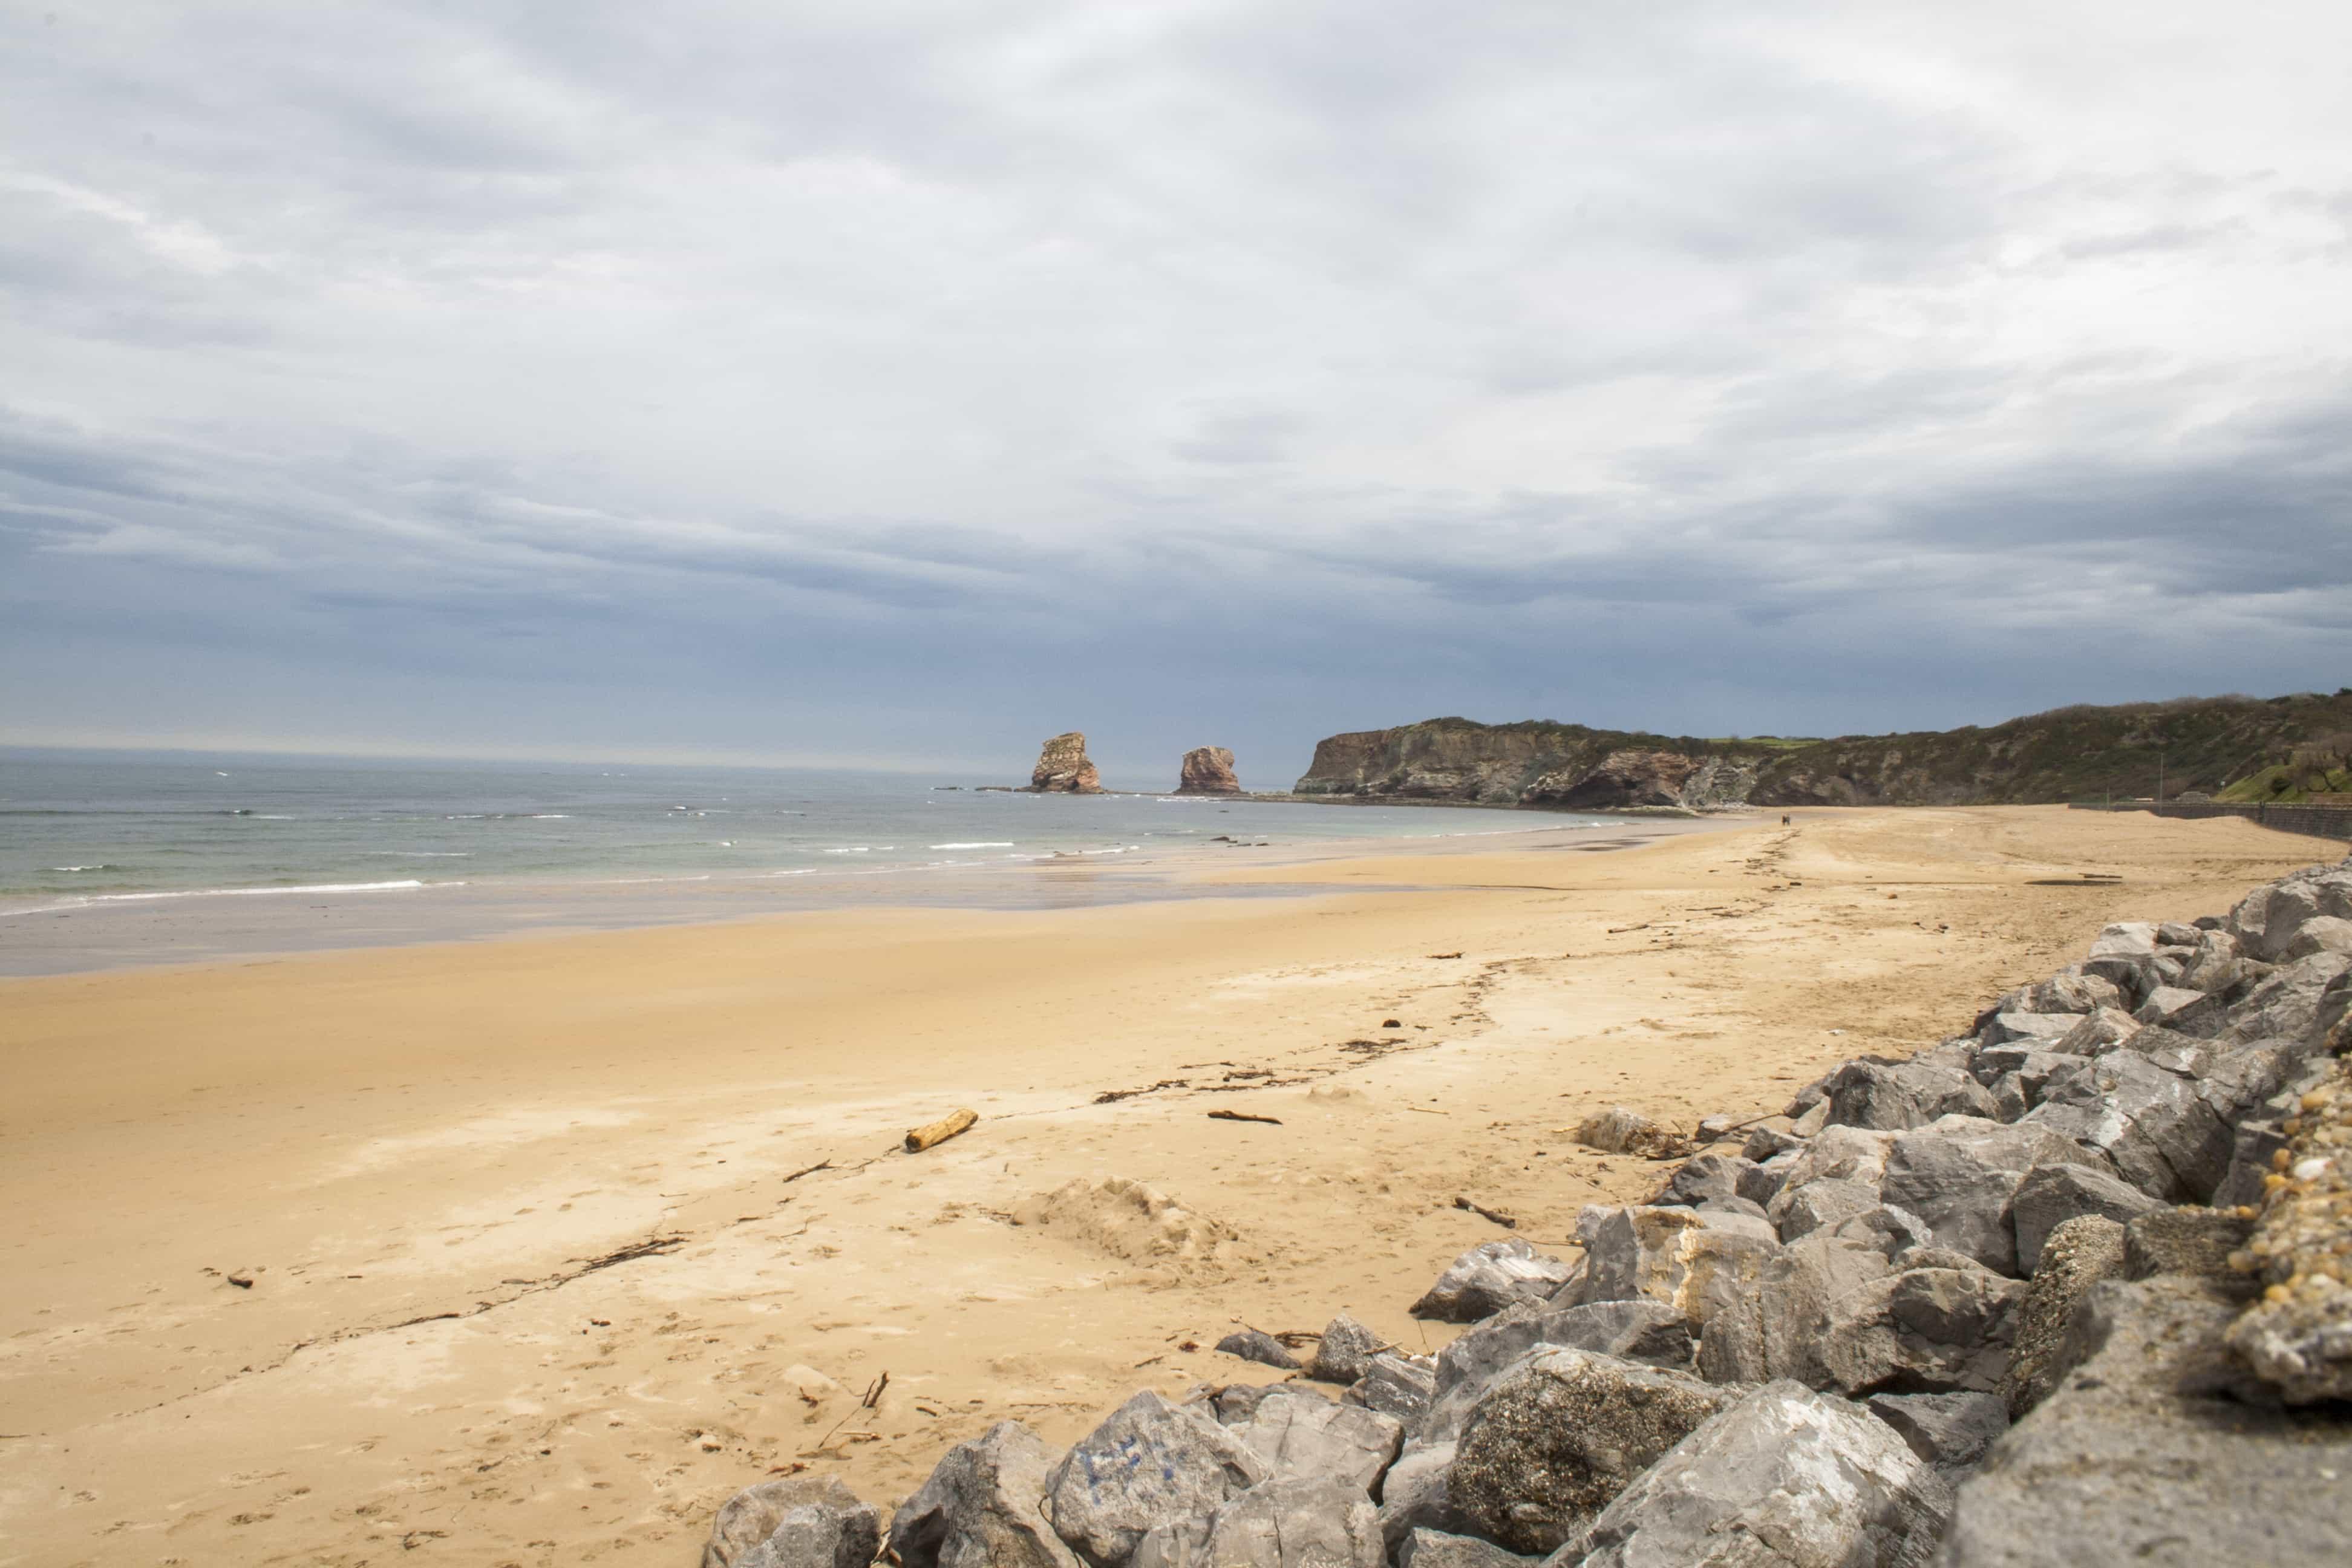 La playa Ondarraitz en Hendaya